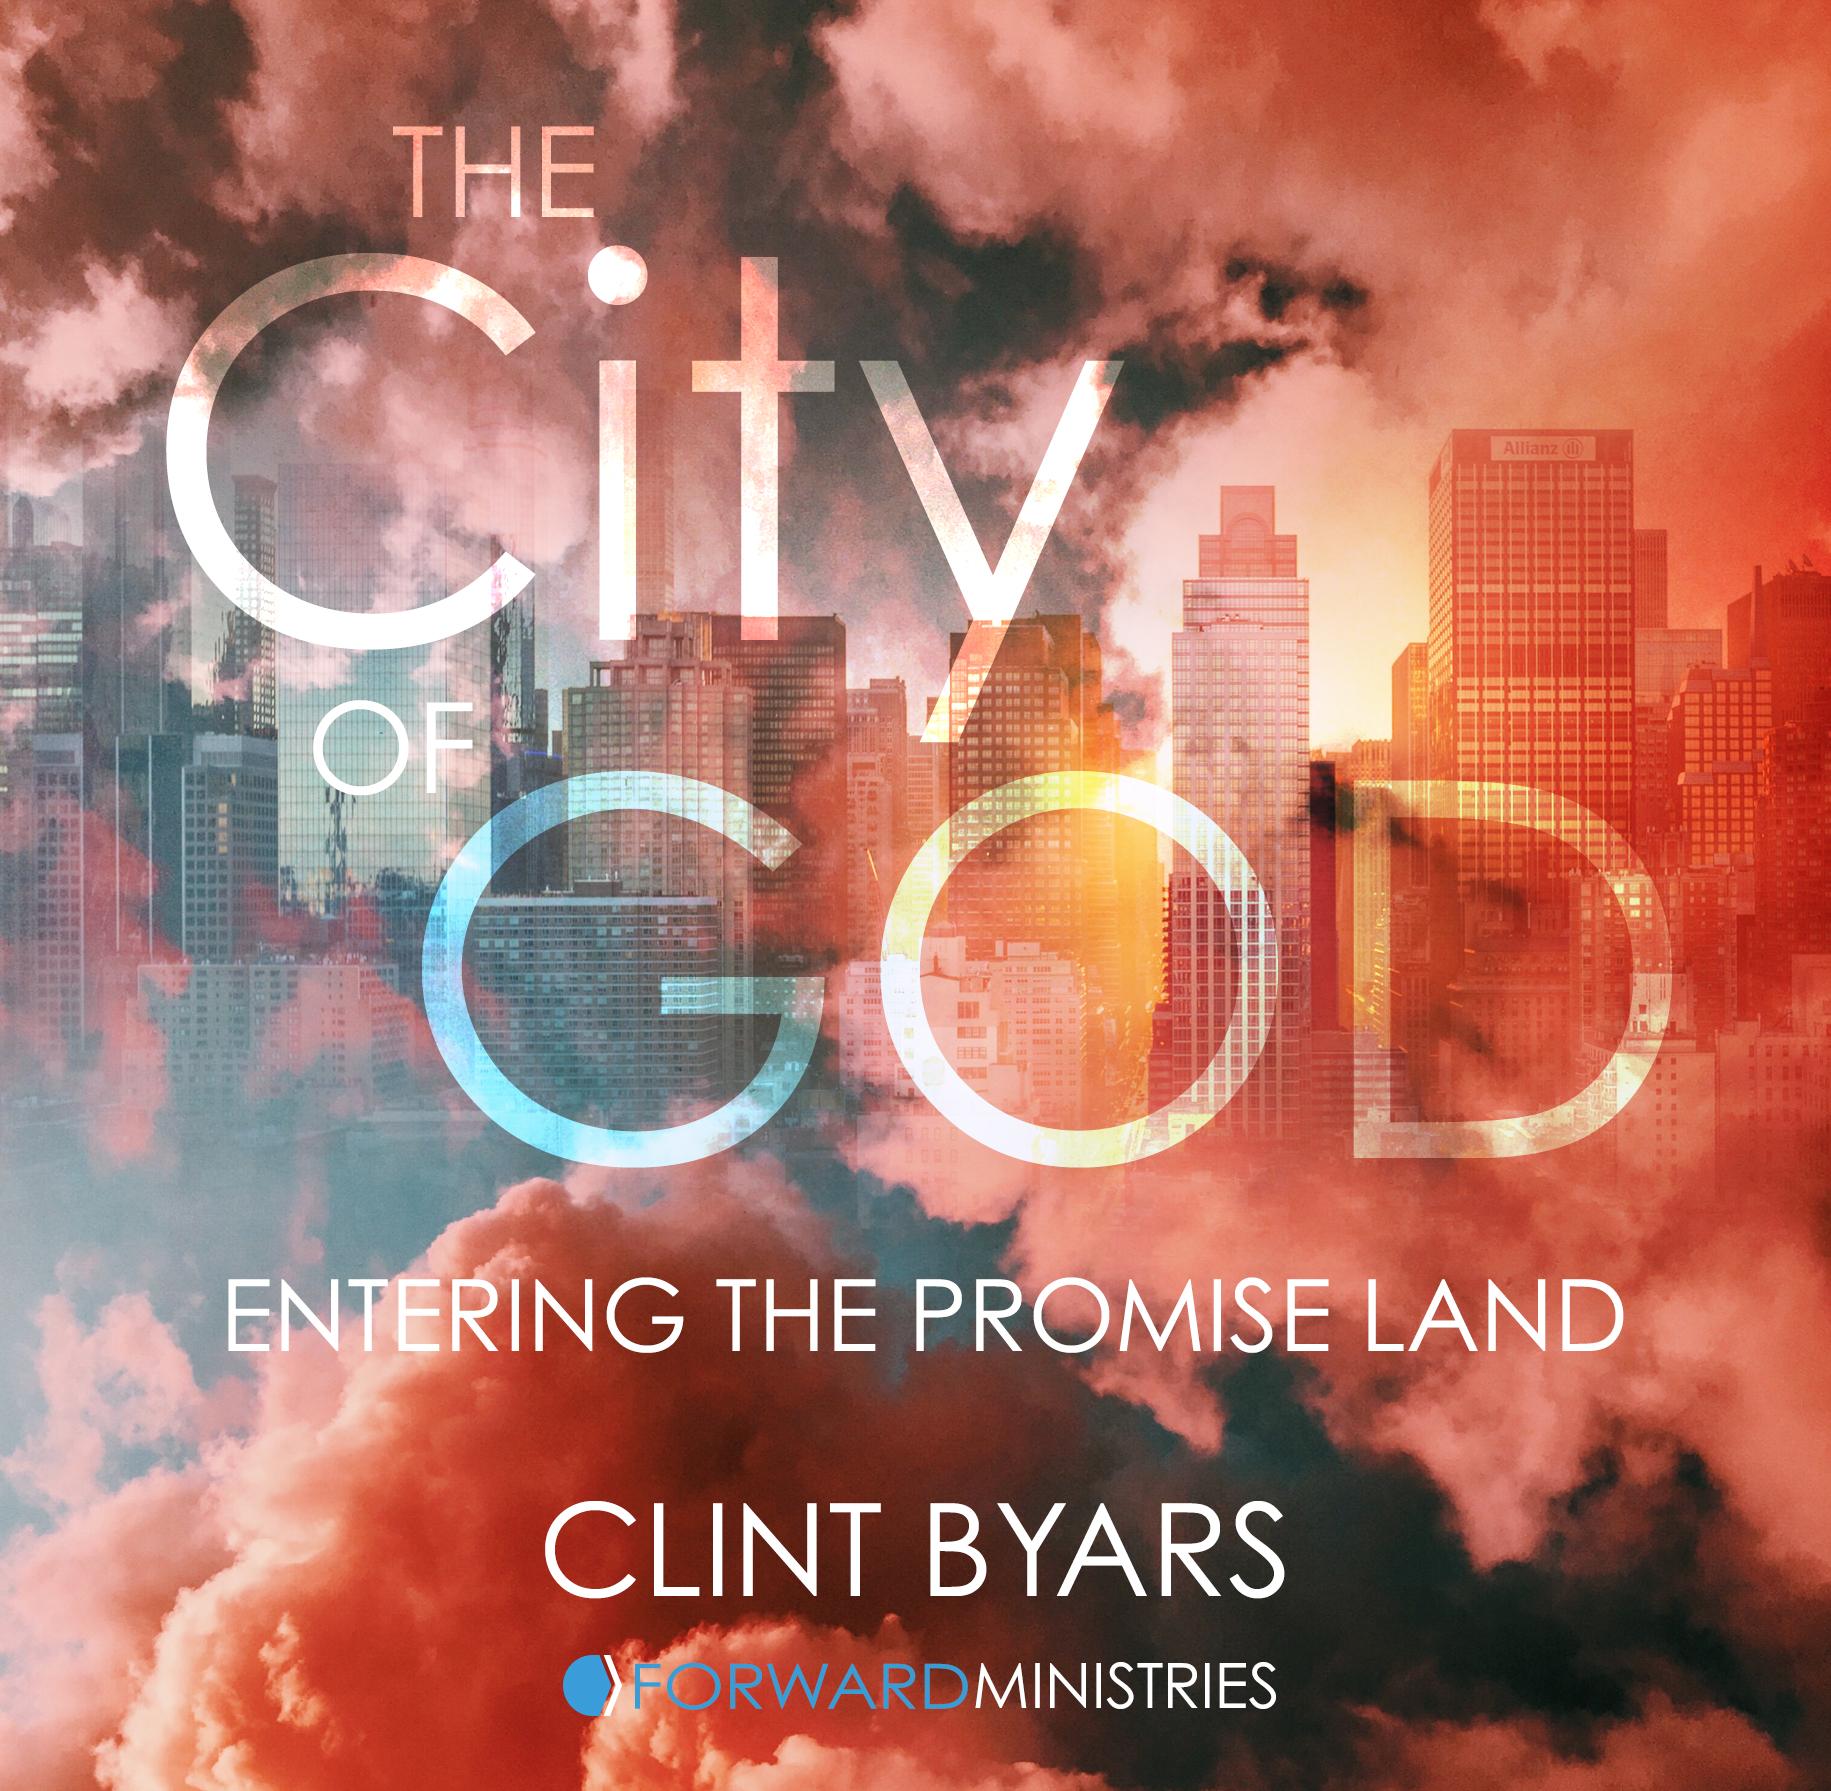 The City of God 2.jpg